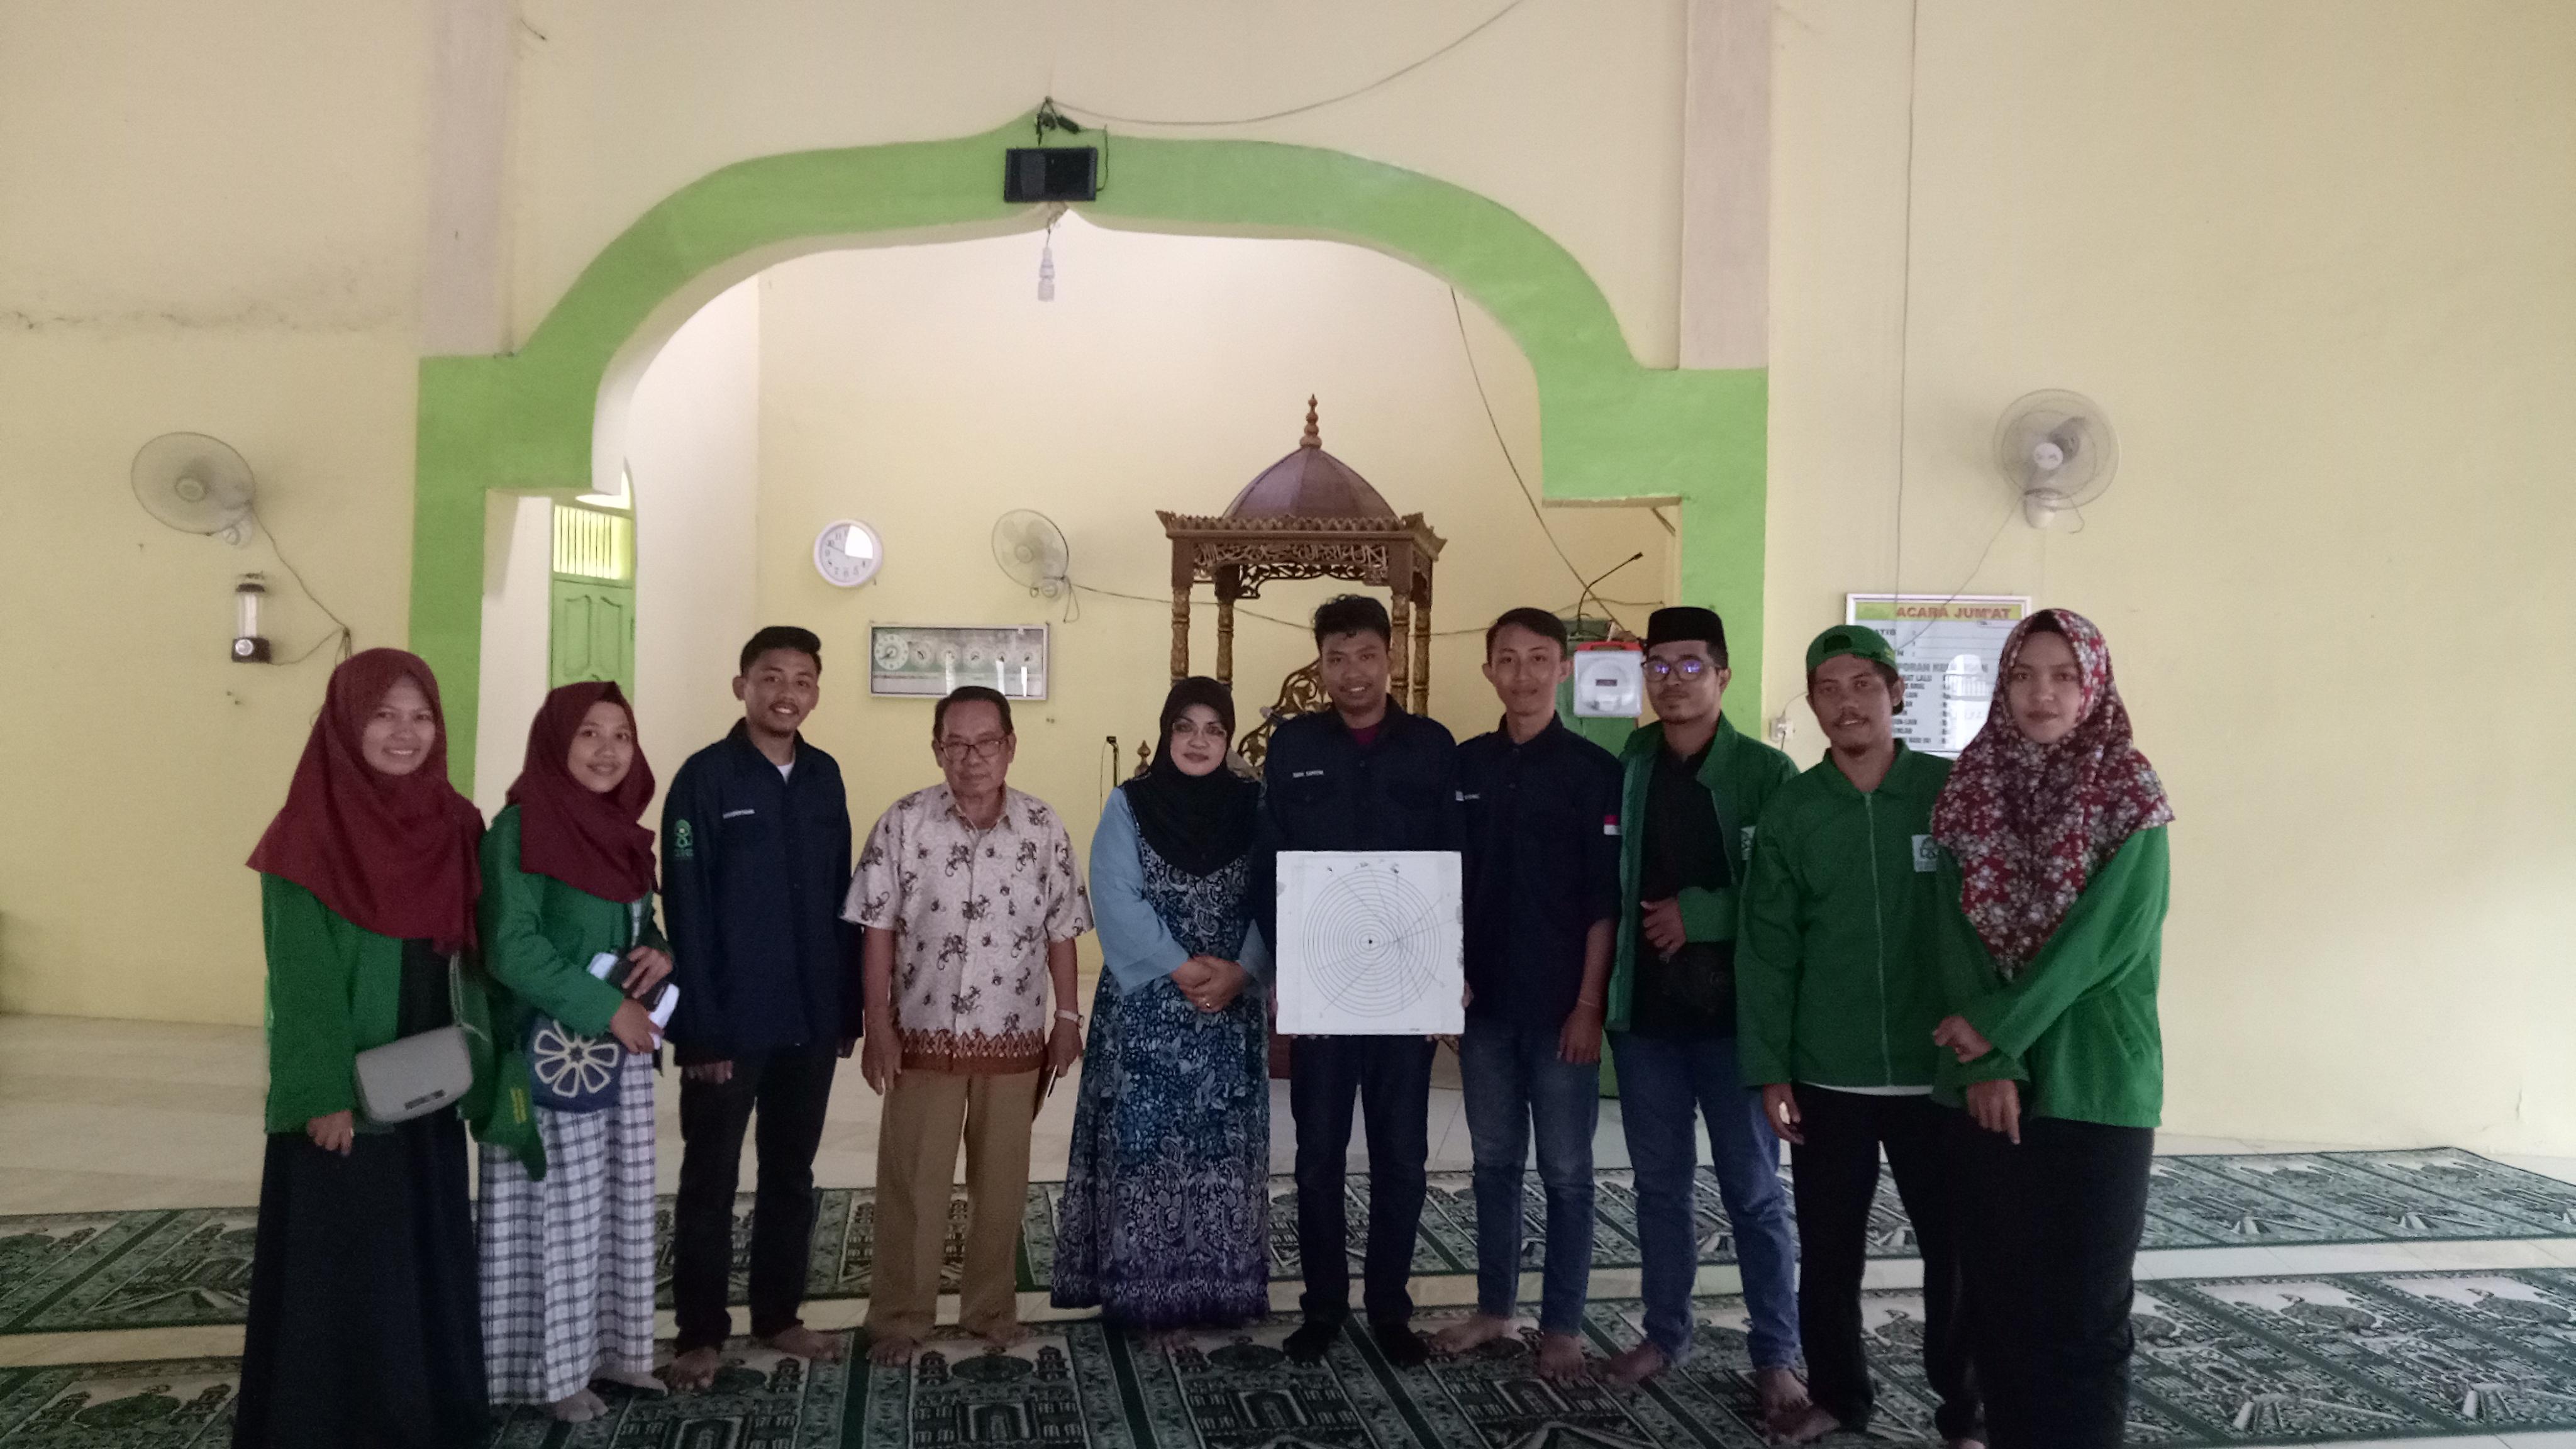 Jurusan Ilmu Falak Fakultas Syariah dan Hukum UIN Alauddin Makassar melaksanakan Pengukuran Arah Kib